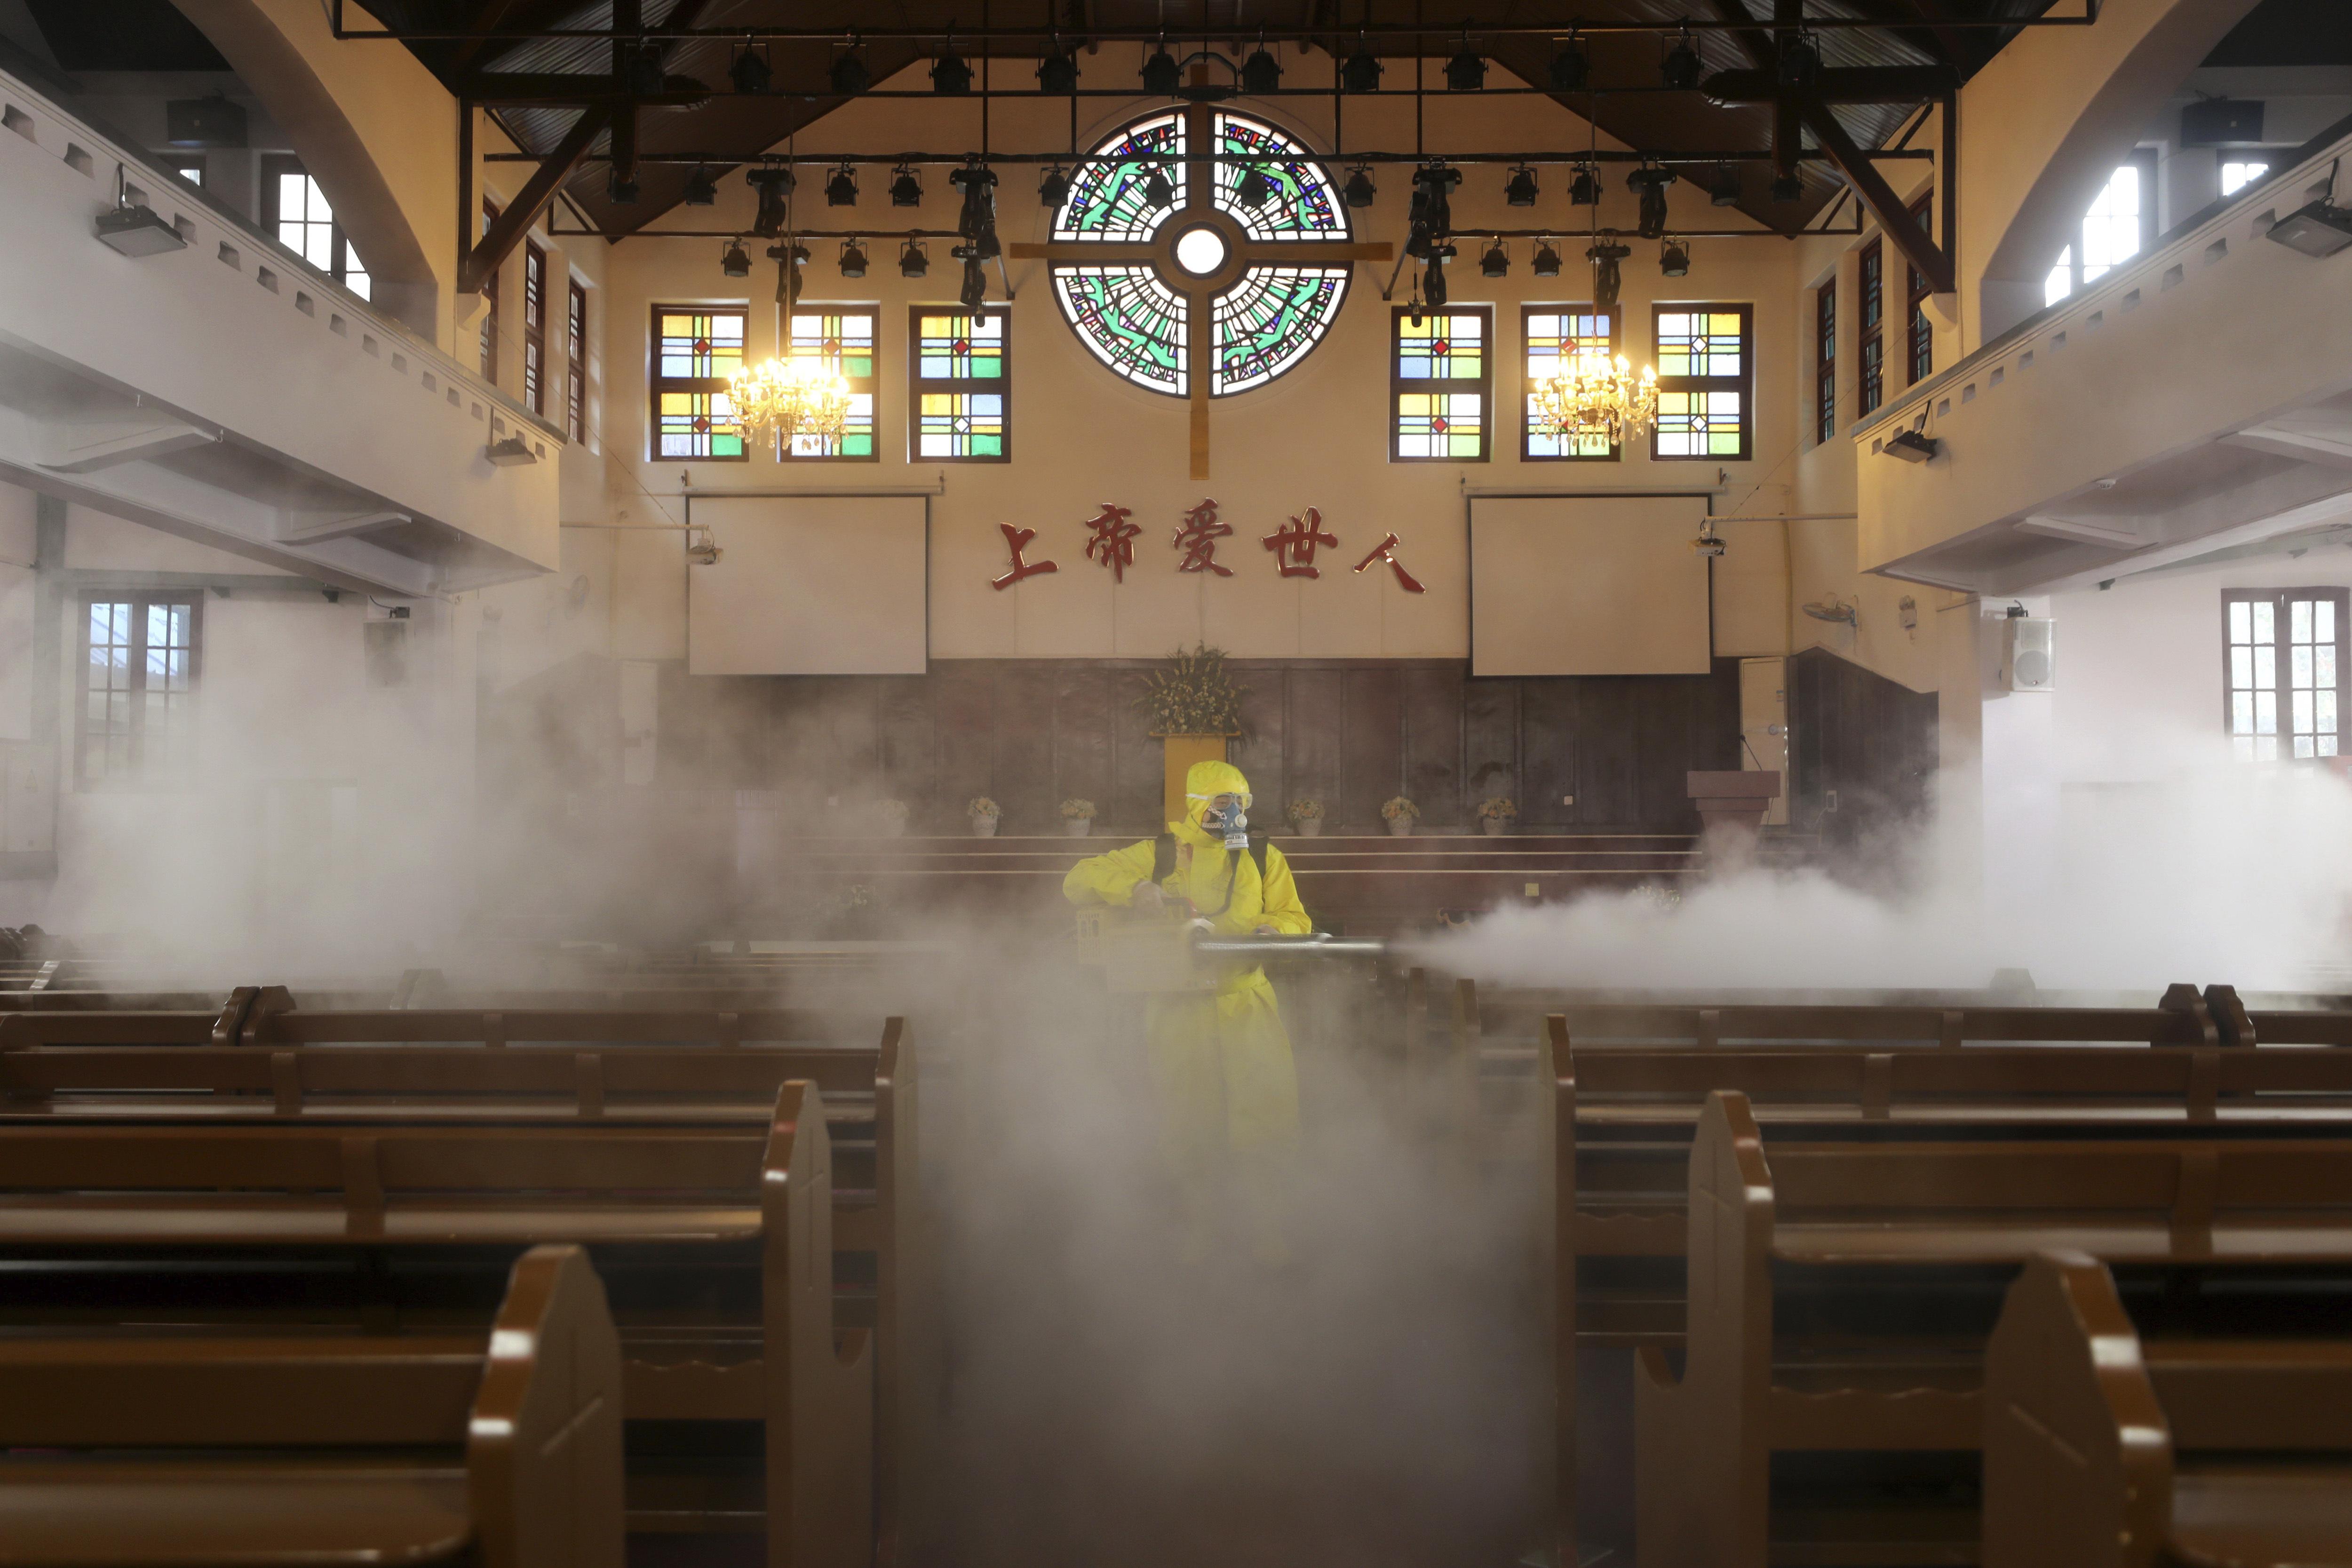 Un volontario disinfetta una chiesa nella provincia dello Hubei, in Cina (LaPresse)